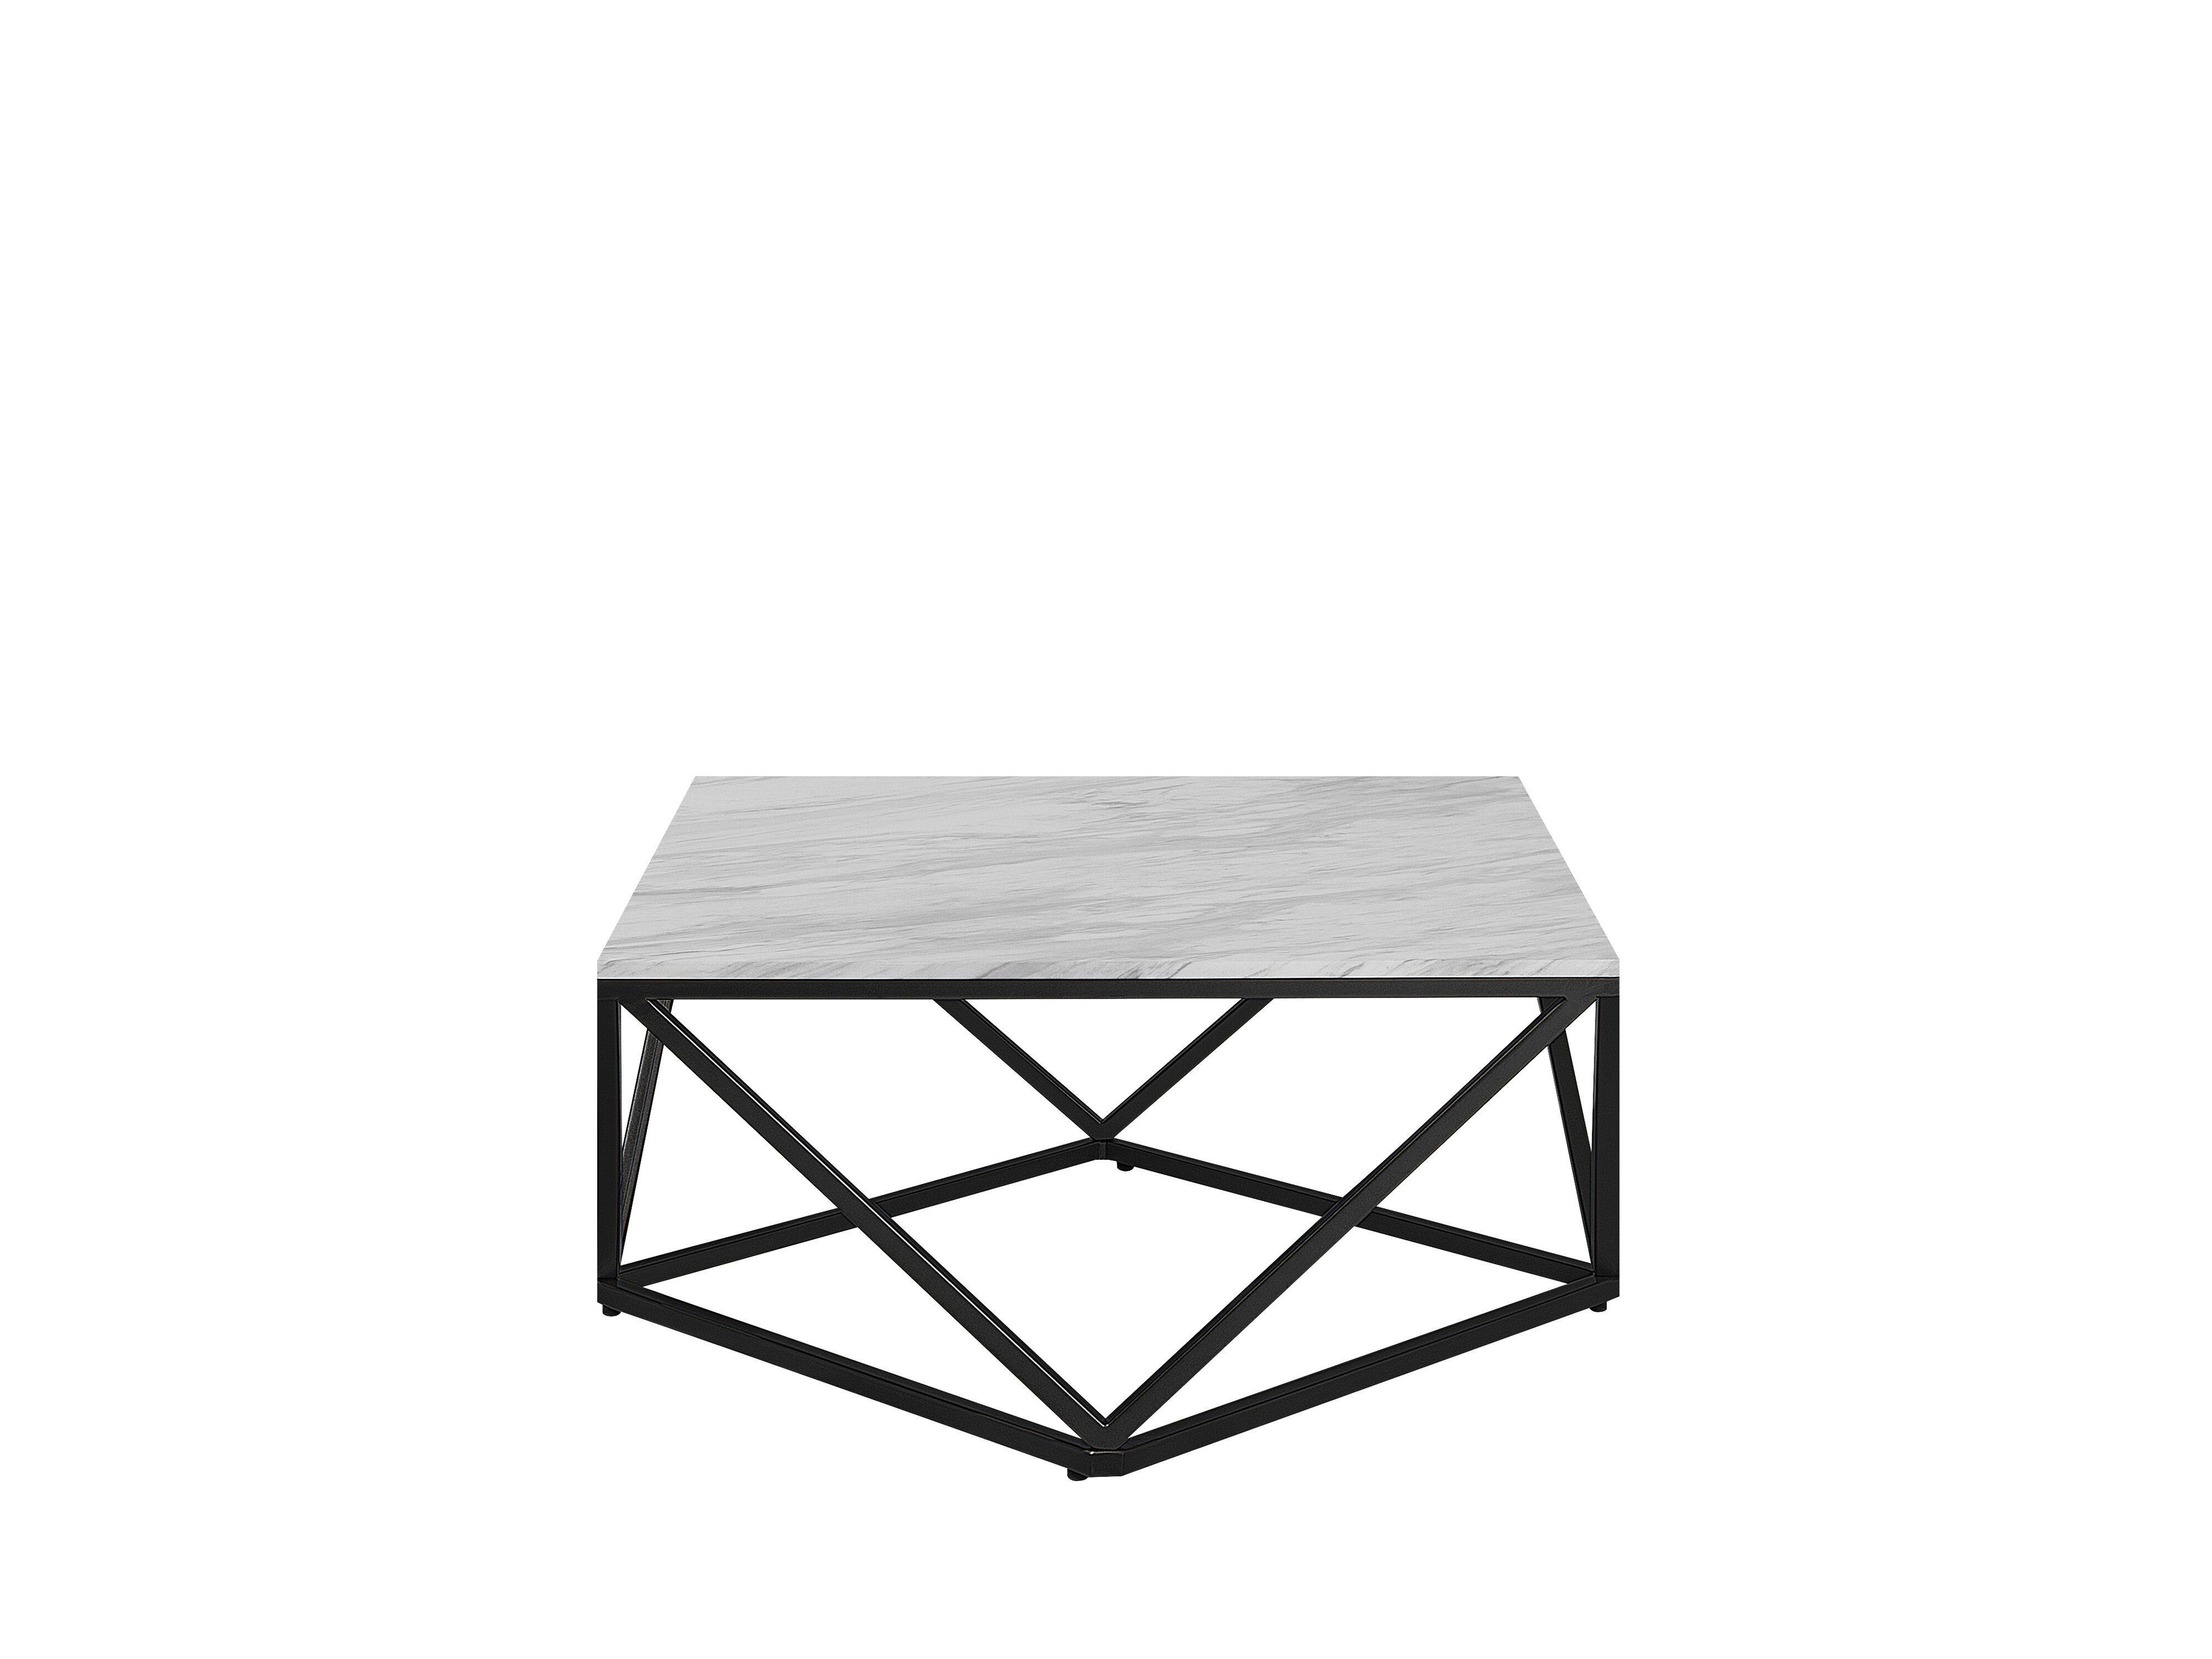 Couchtisch Weiß Schwarz Marmor Optik Quadratisch 80 X 80 Cm Malibu Wohnzimmertische Couchtisch Marmor Couchtisch